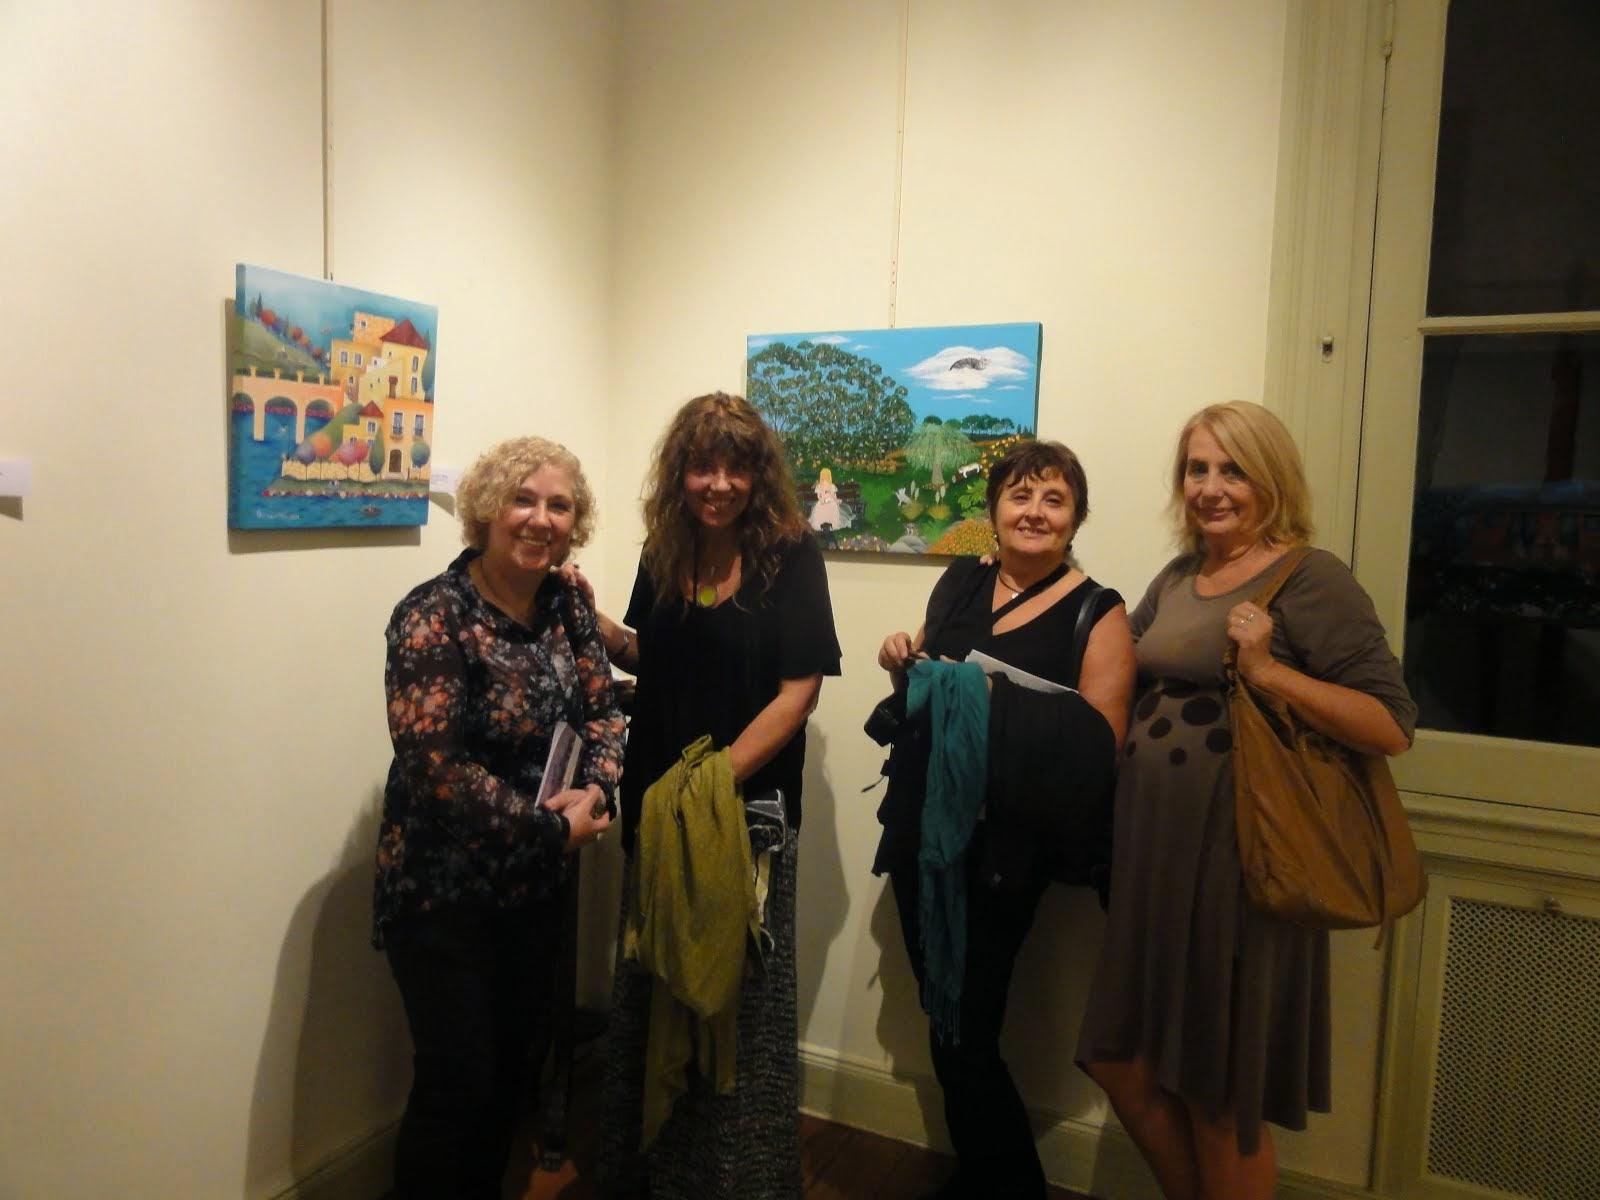 Junto a mis amigas pintoras: Pato Pousa, Andrea Alonso Amorin y Graciela Henry